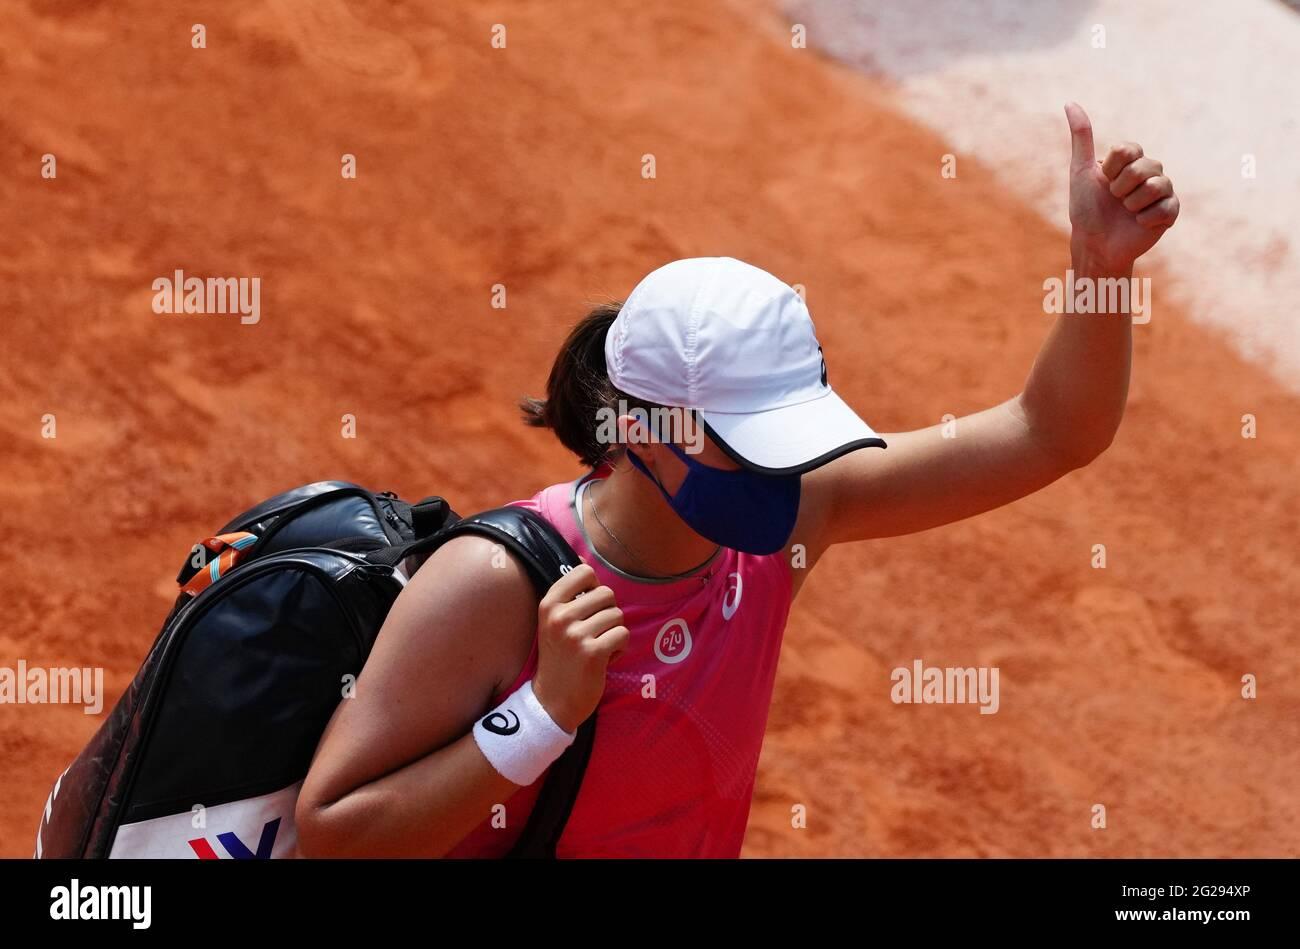 París, Francia. 9th de junio de 2021. IgA Swiatek de Polonia abandona la cancha después del partido quarterfinal femenino de solteros entre Maria Sakkari de Grecia e IgA Swiatek de Polonia en el torneo de tenis Abierto de Francia en Roland Garros en París, Francia, el 9 de junio de 2021. Crédito: Gao Jing/Xinhua/Alamy Live News Foto de stock